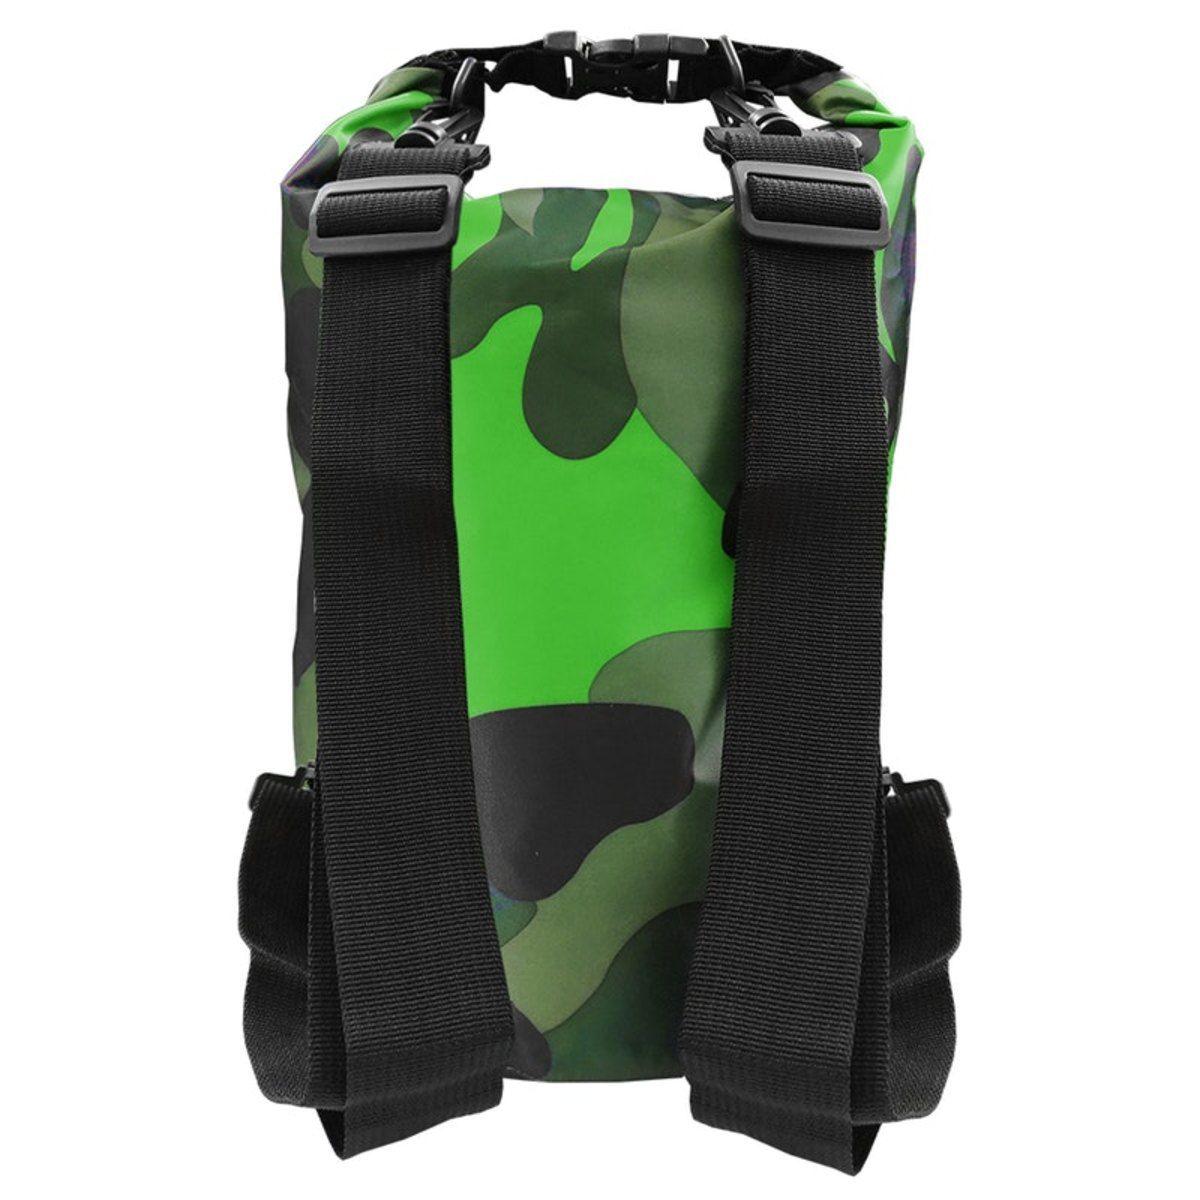 Bolsa Impermeável Albatroz Fishing Camp Bag Camuflada Verde 5 Litros